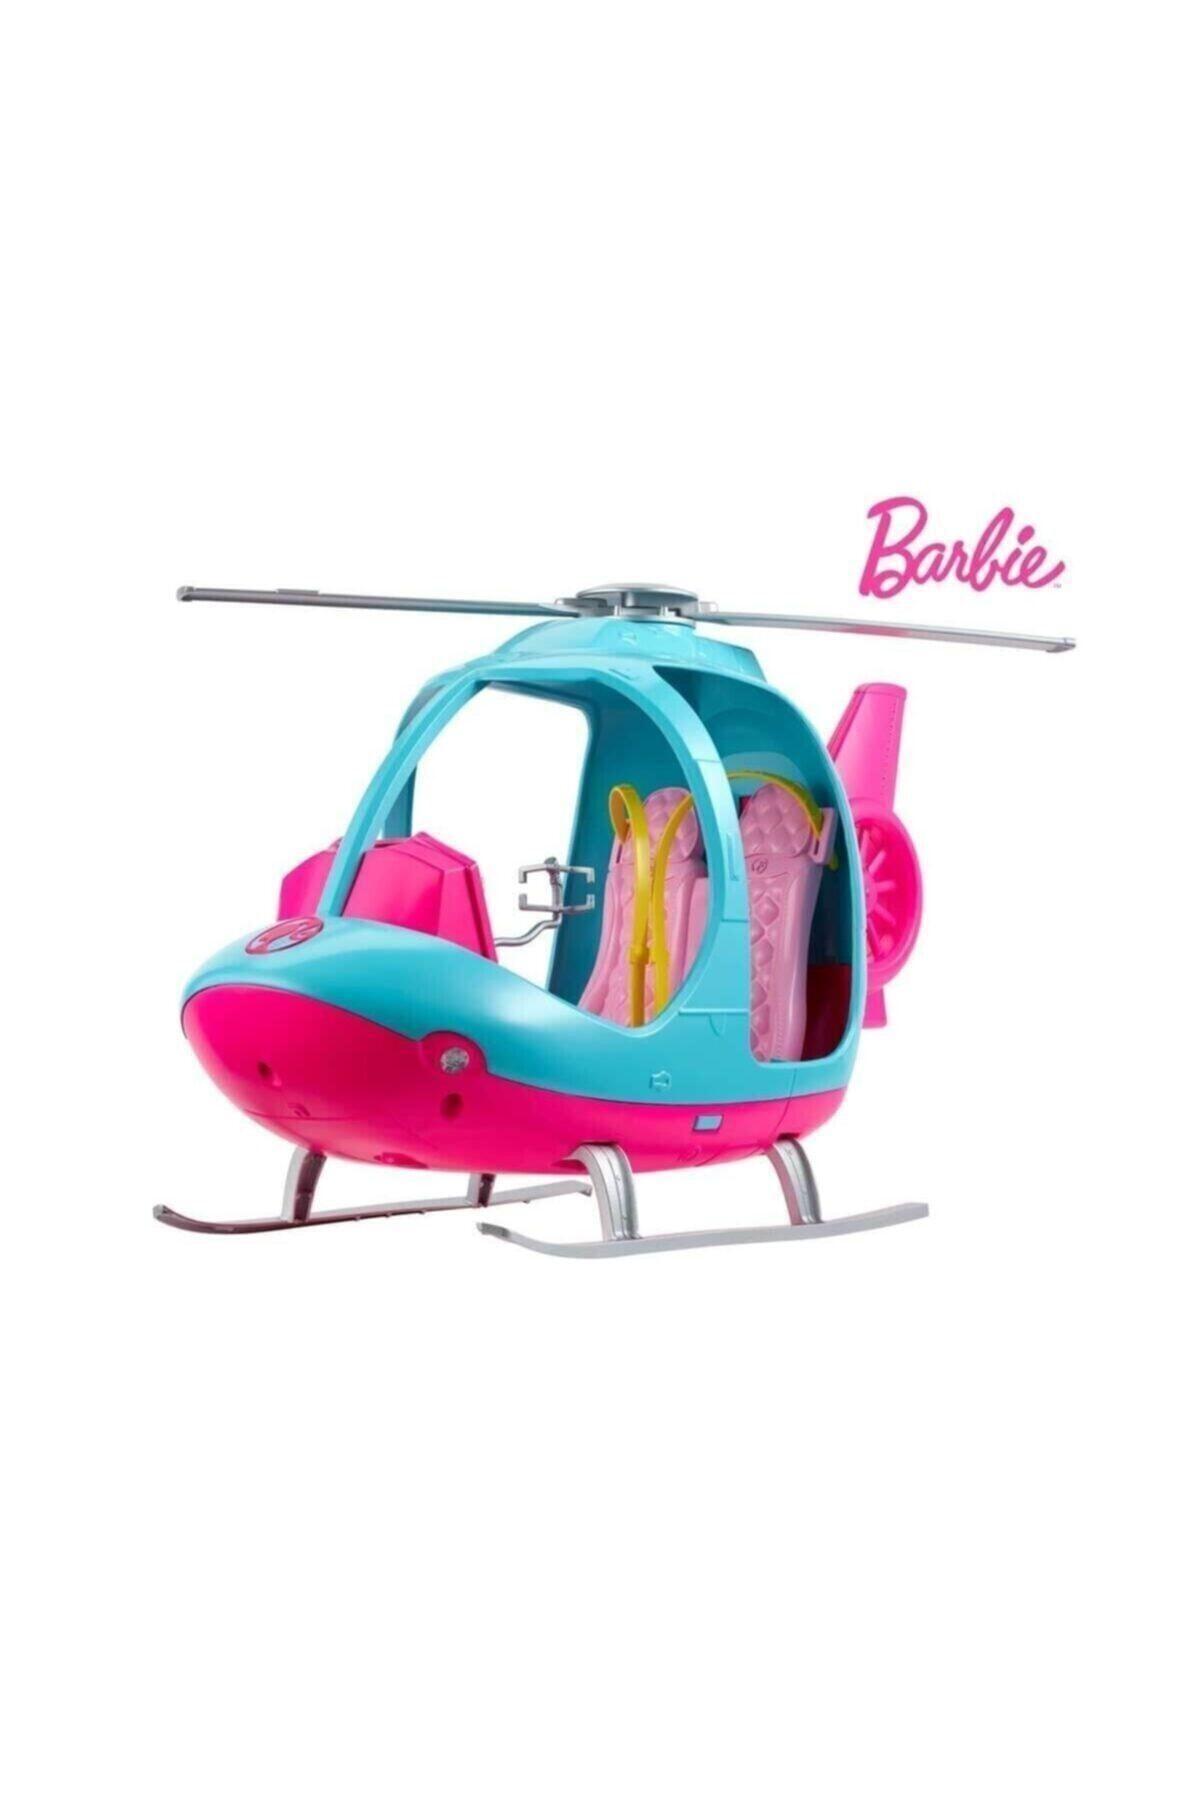 Barbie Pembe Helikopteri 2